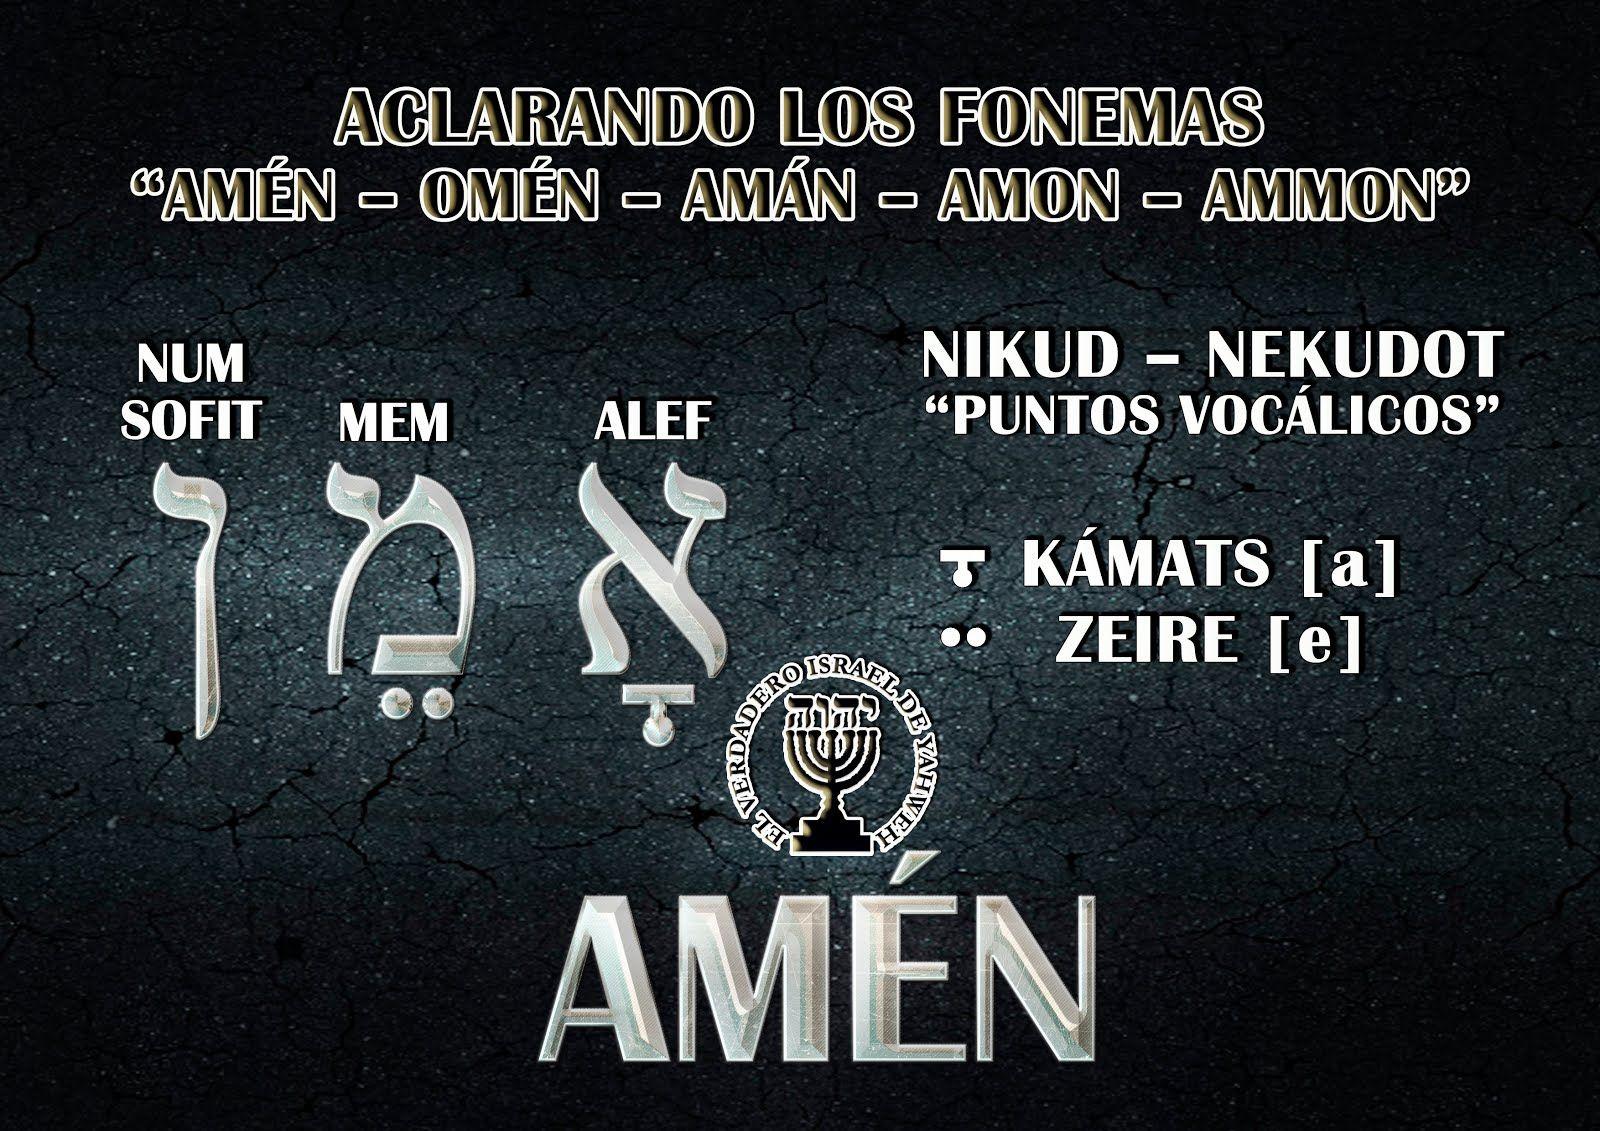 Mito O Verdad Del Amen Omen Omein Aman Ammon Biblia